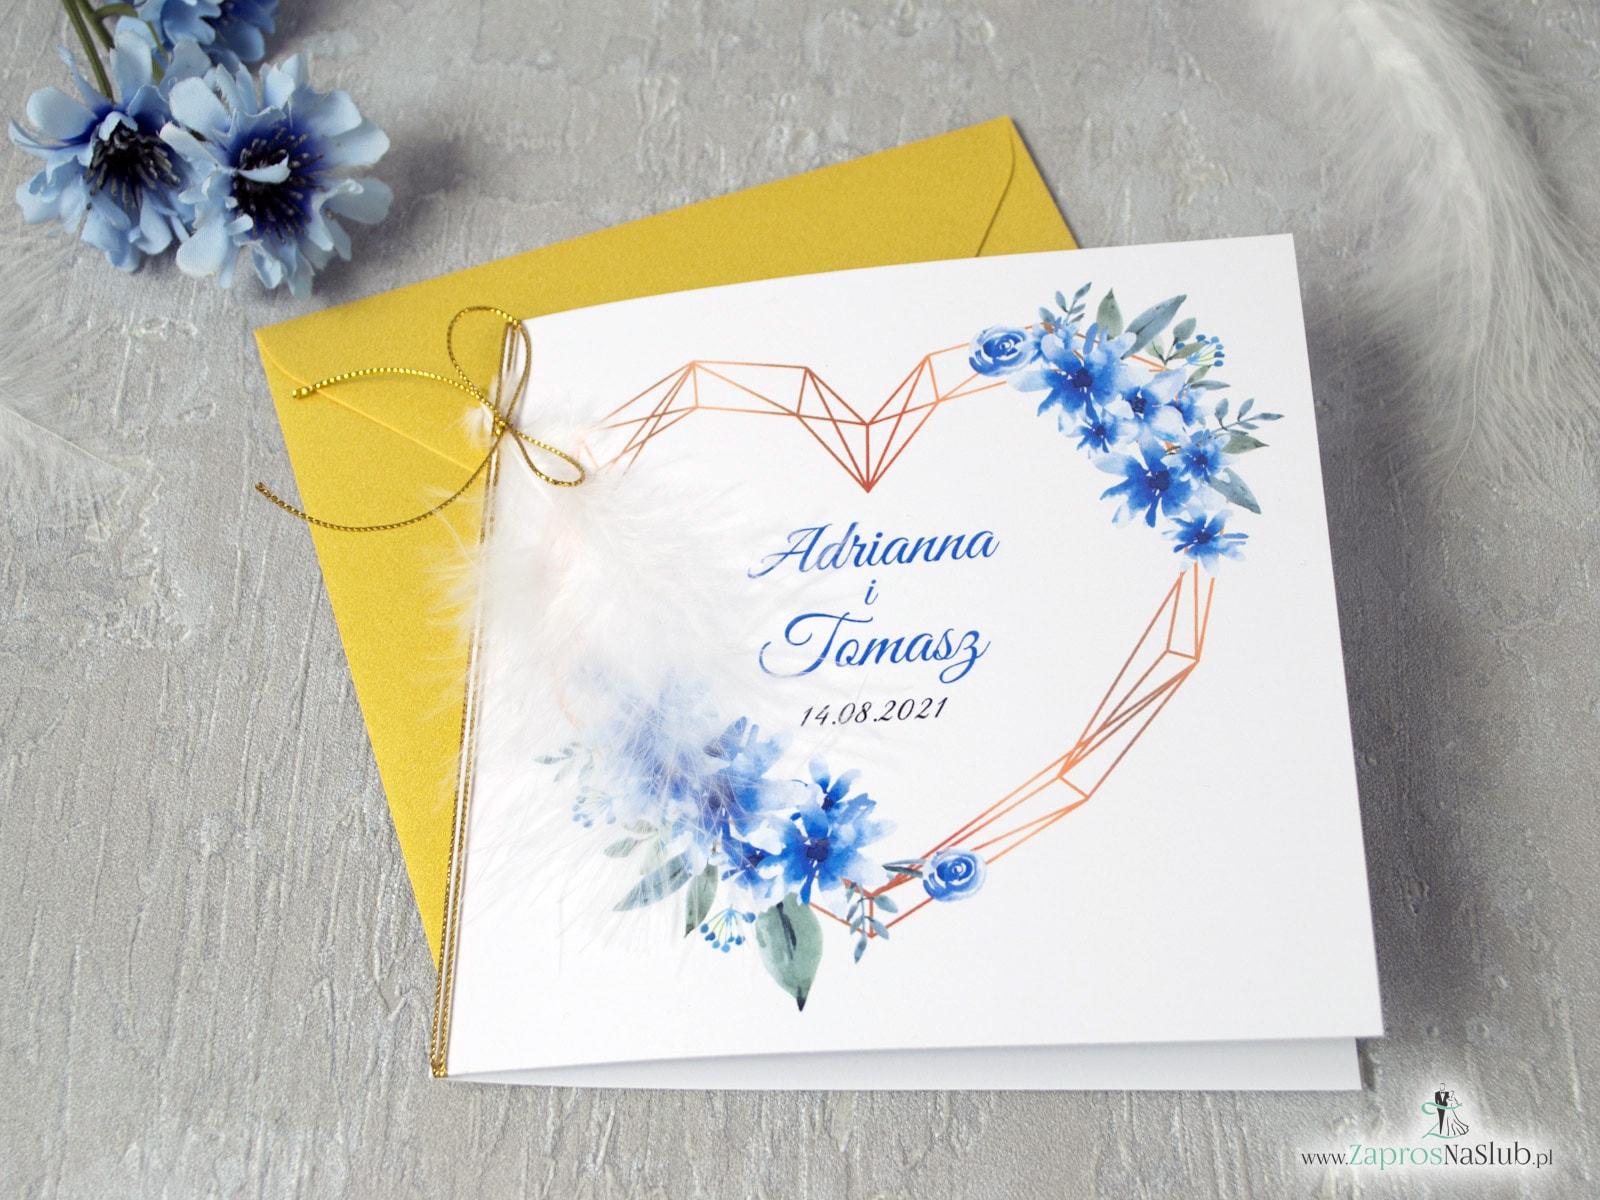 Zaproszenia ślubne boho z sercem, białe piórko niebieskie kwiaty, boho ZAP-41-22